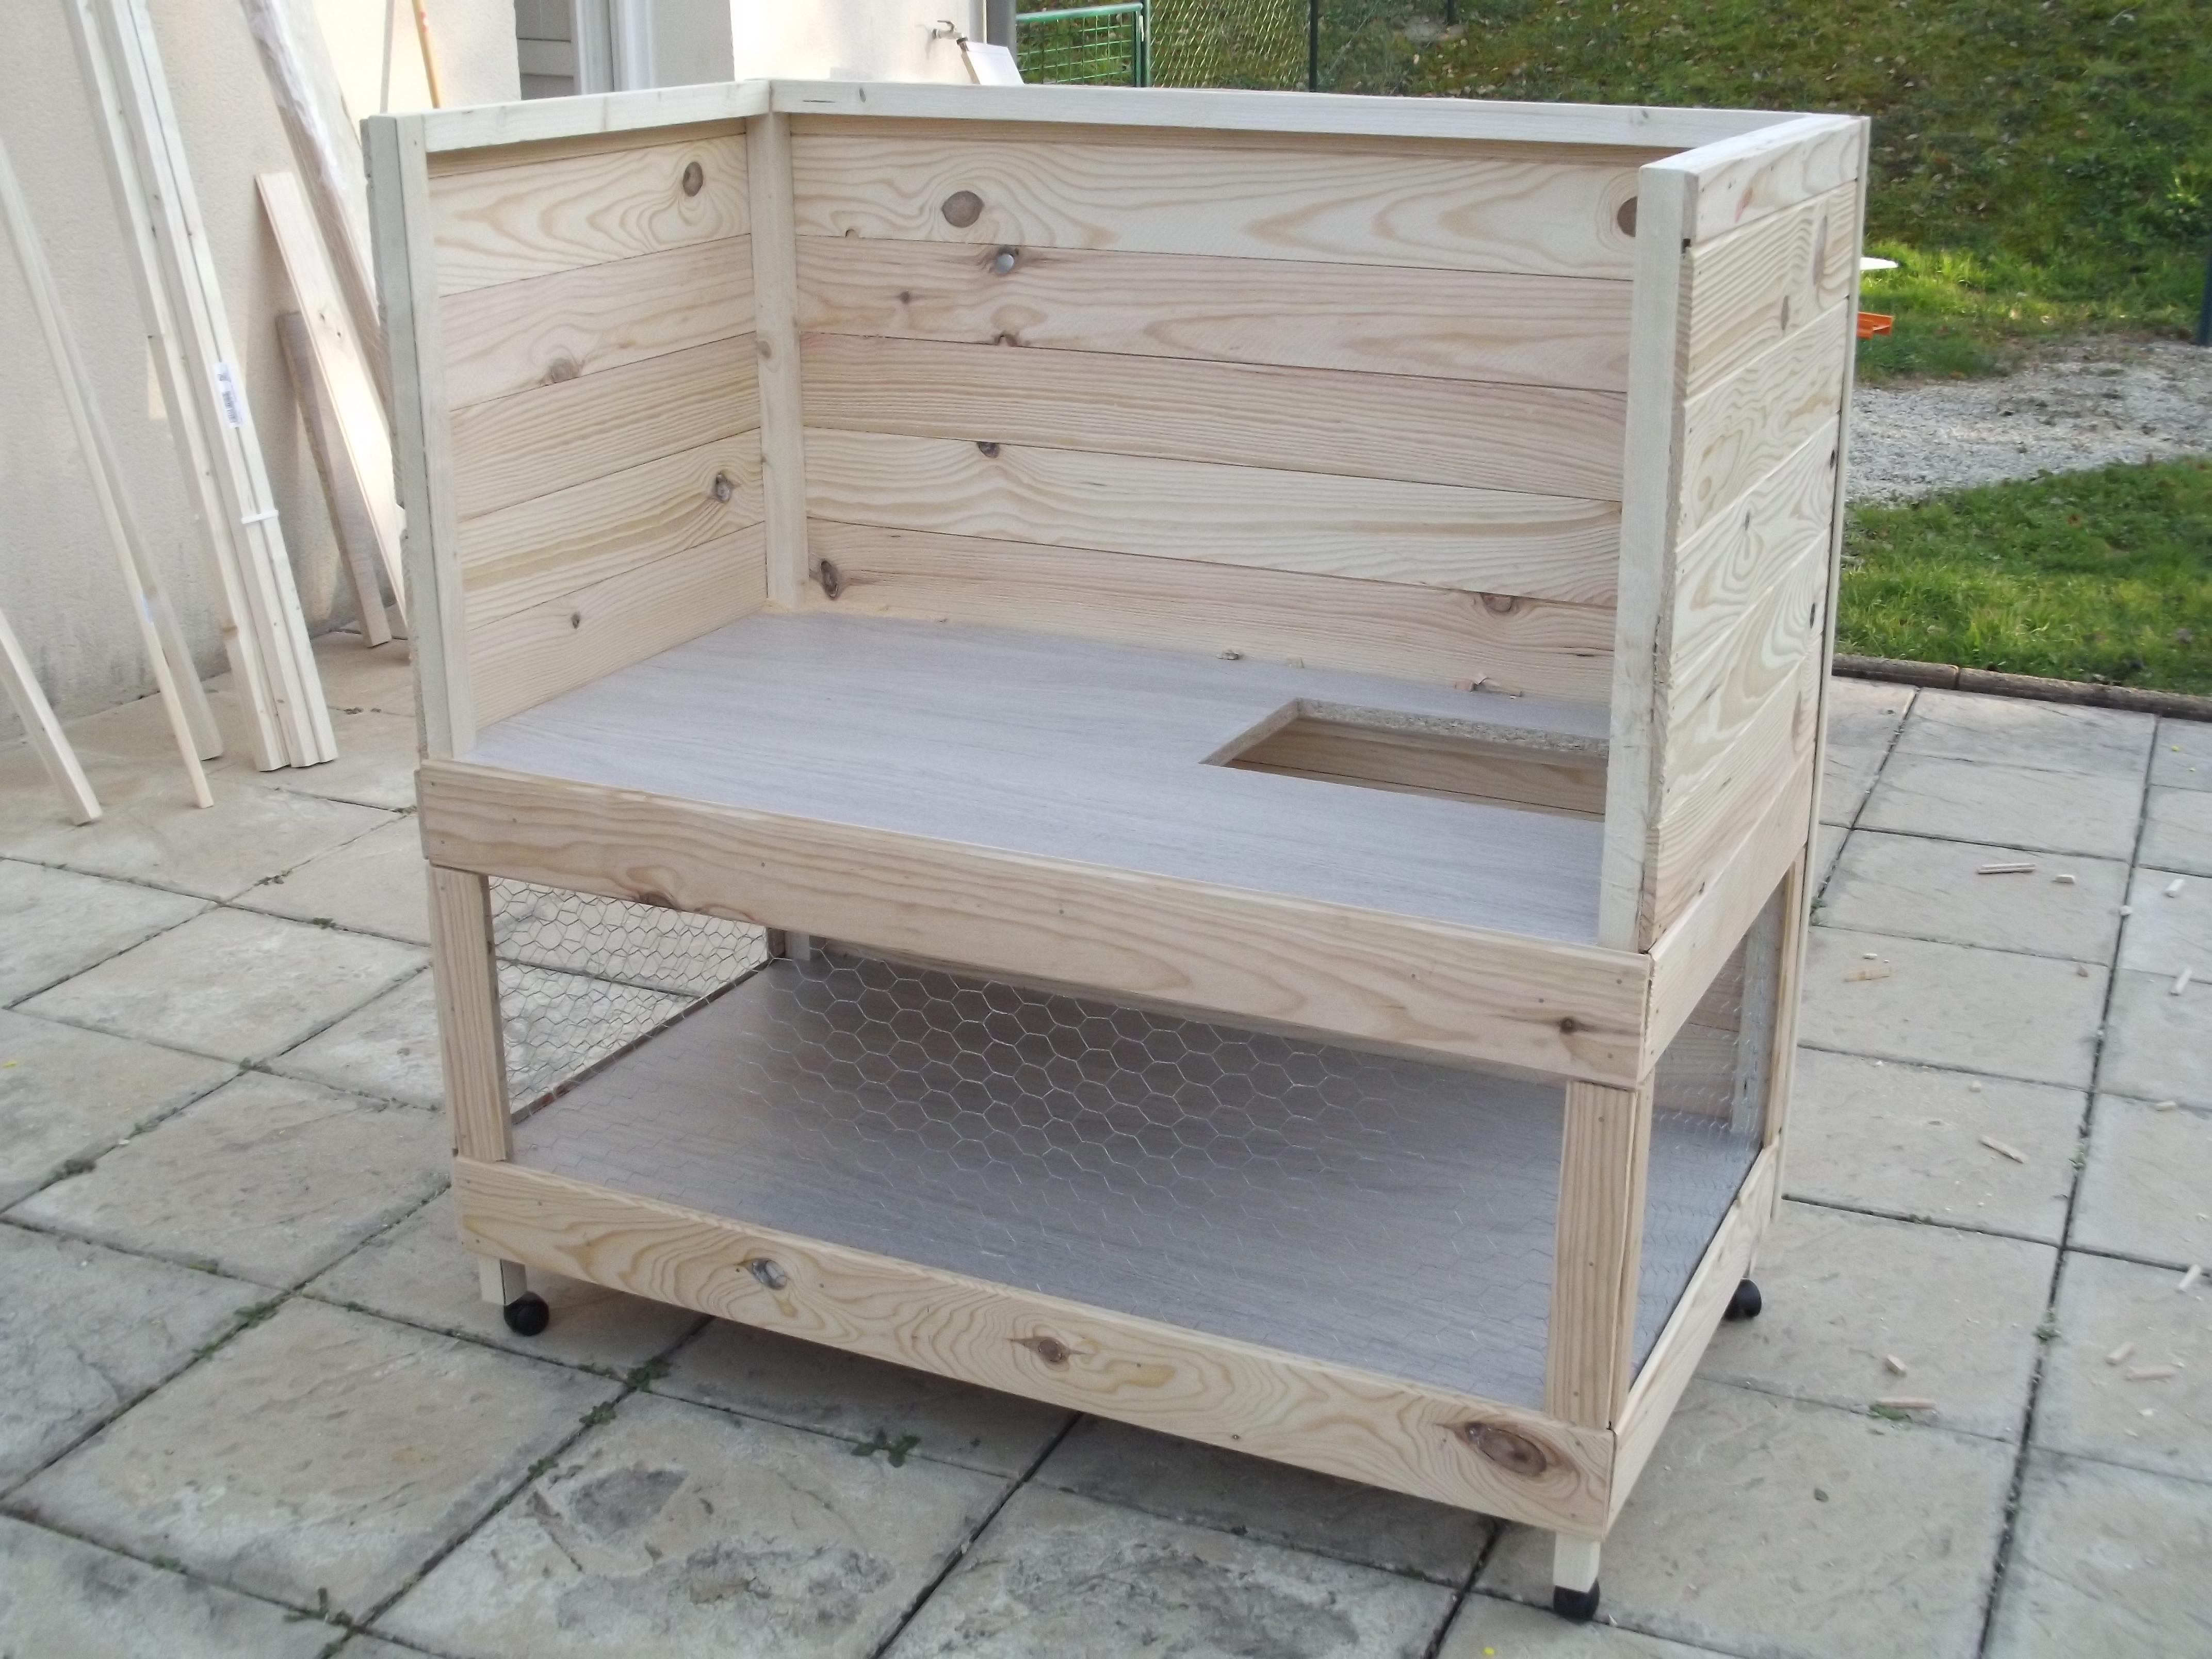 fabriquer une cage a oiseaux en bois. Black Bedroom Furniture Sets. Home Design Ideas